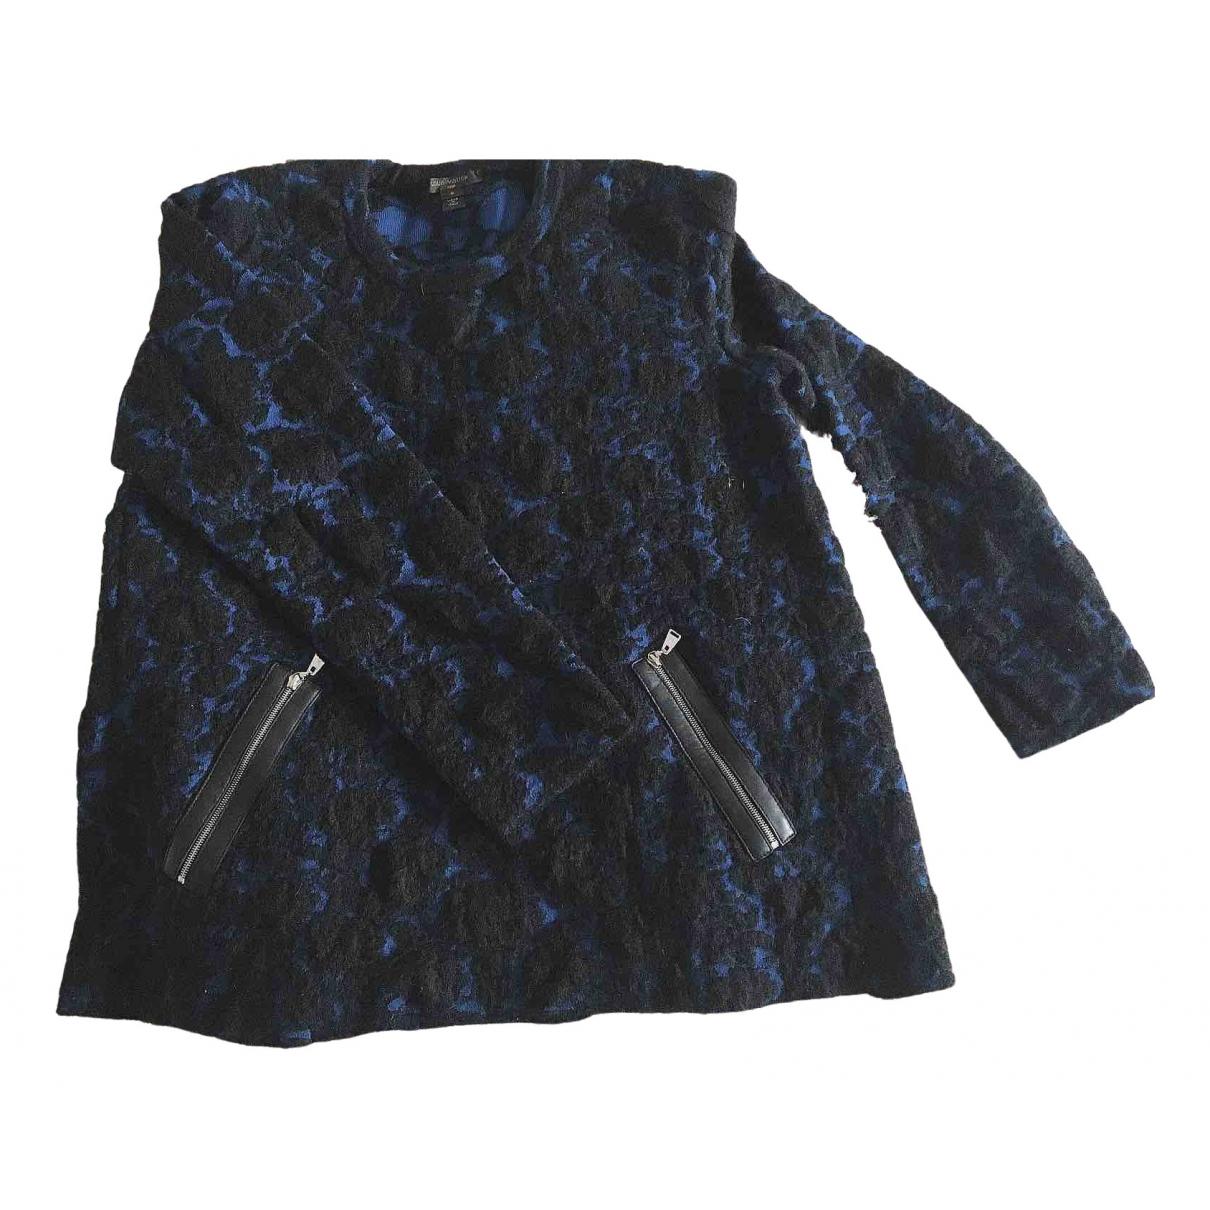 Louis Vuitton \N Blue Wool Knitwear for Women S International